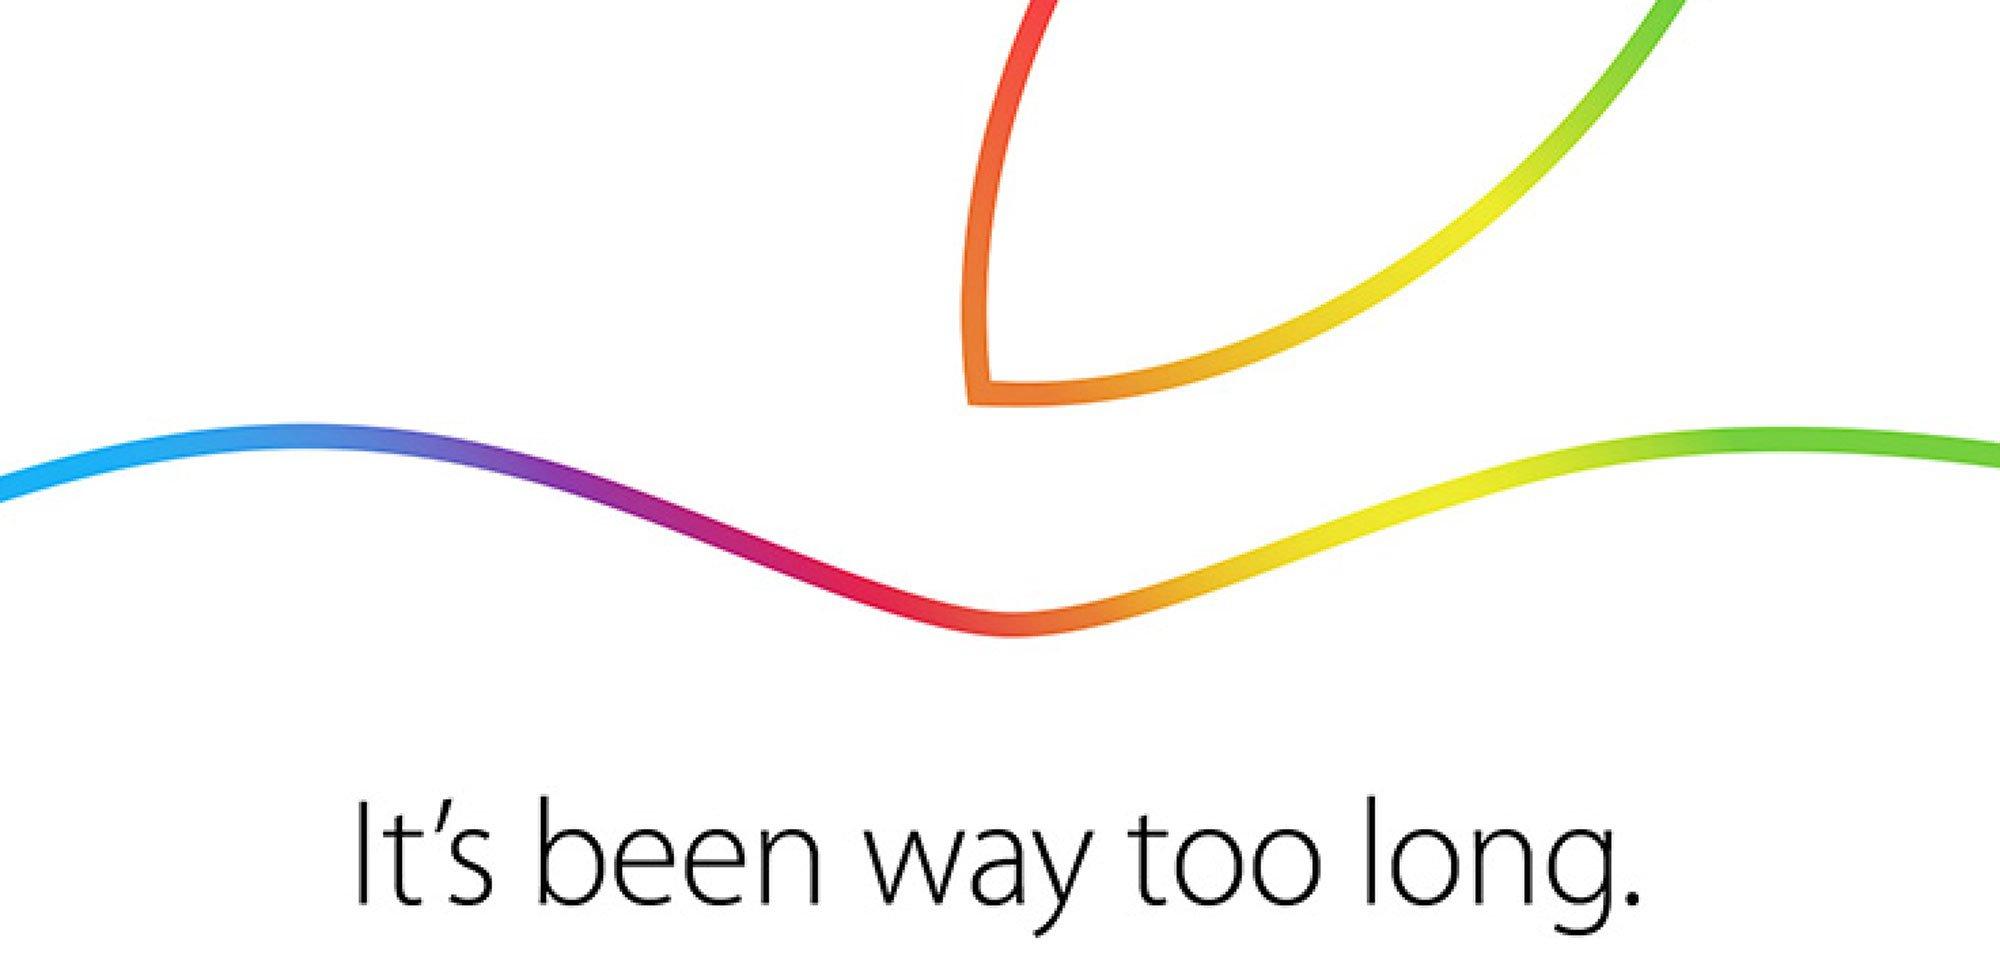 Apple Event Keynote 16.10.2014: Es hat viel zu lange gedauert! 10